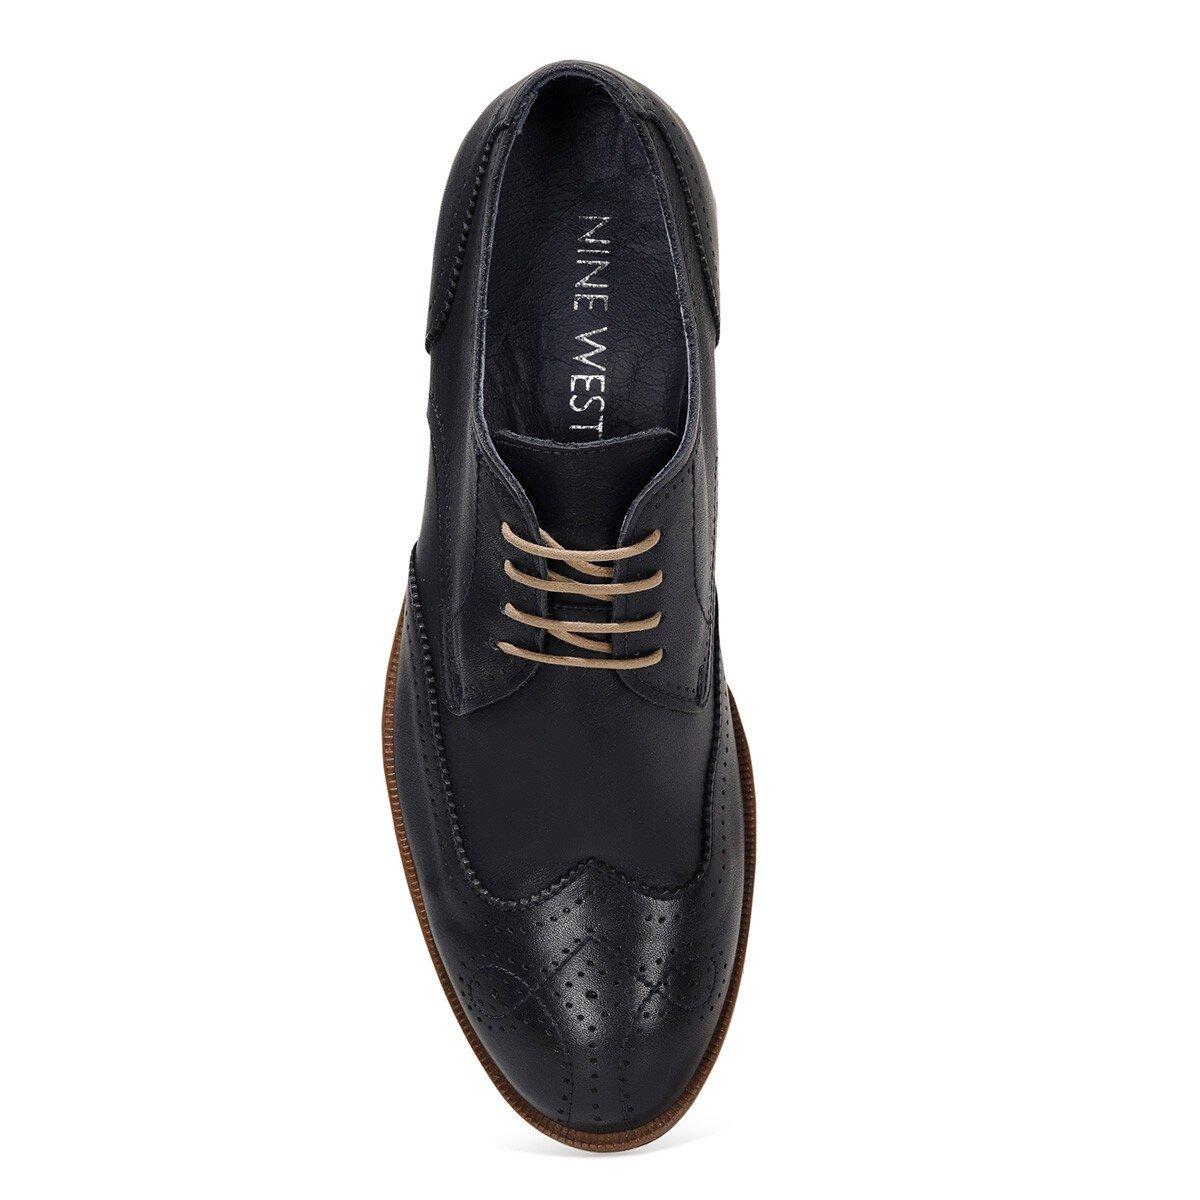 ZORAL 1FX Lacivert Erkek Klasik Ayakkabı